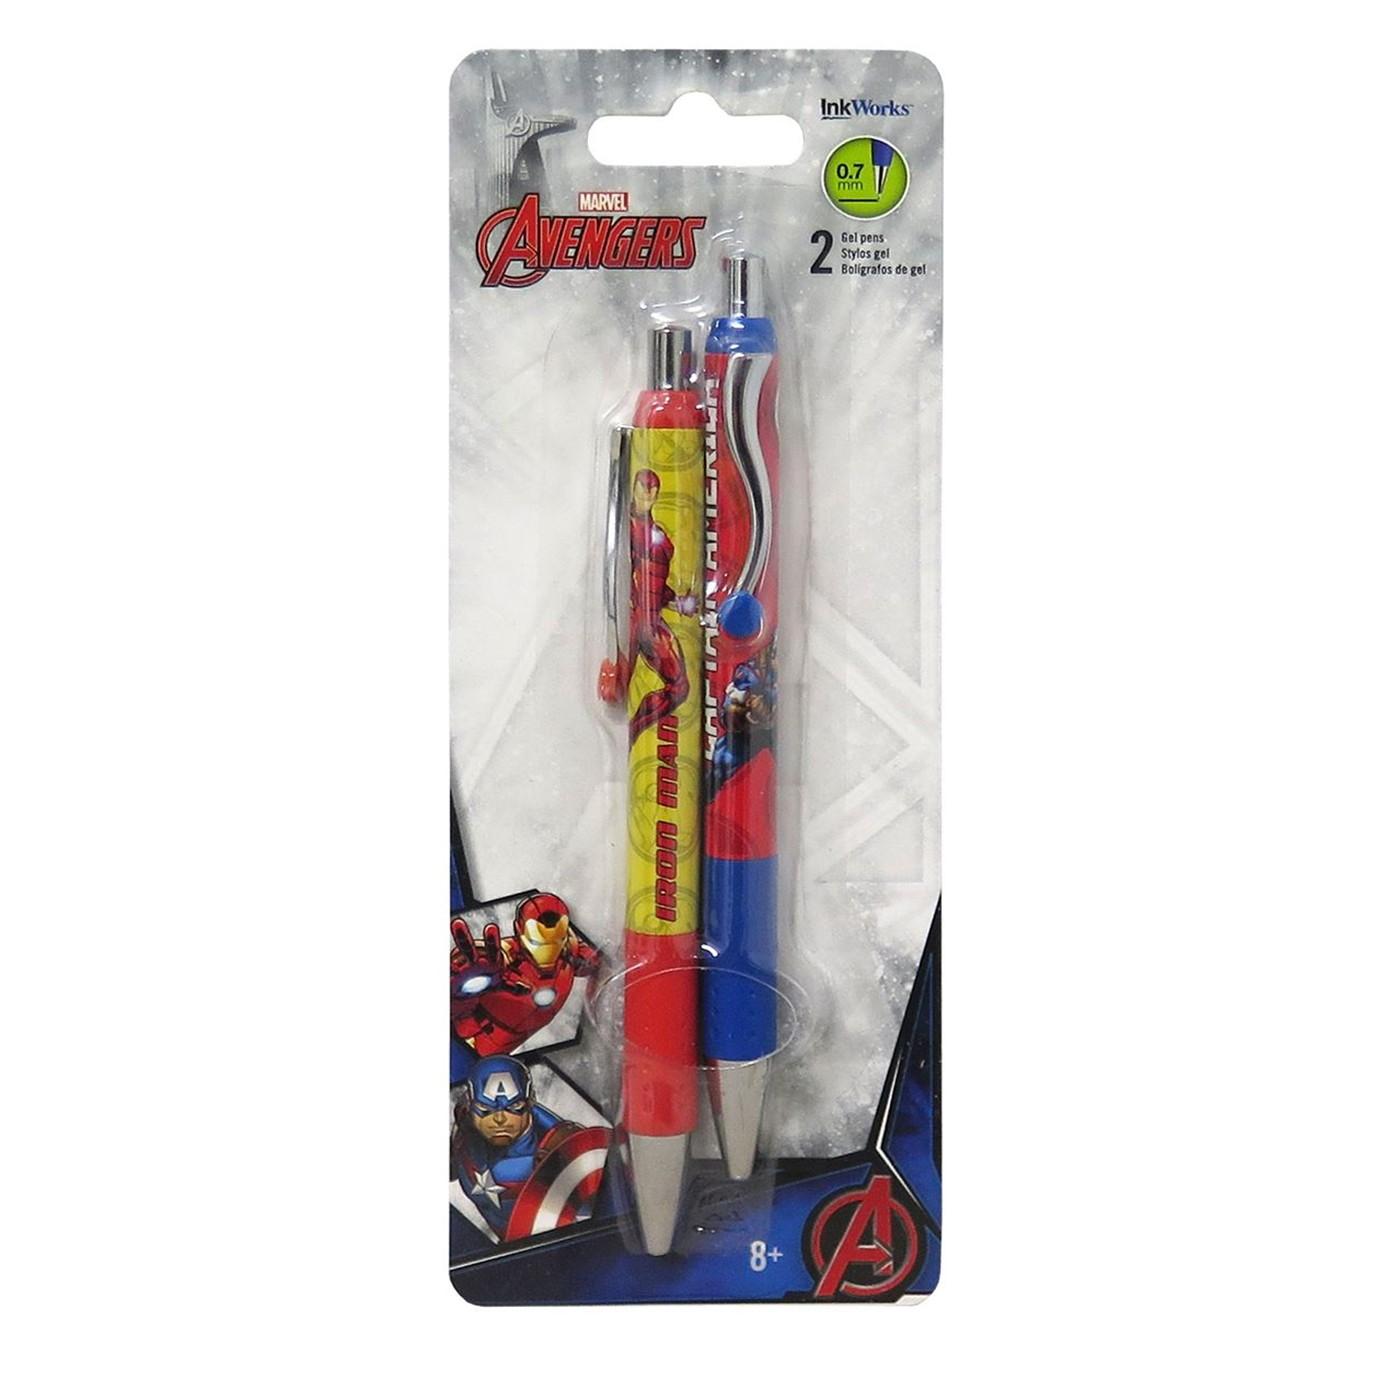 Avengers Gel Pens 2-Pack